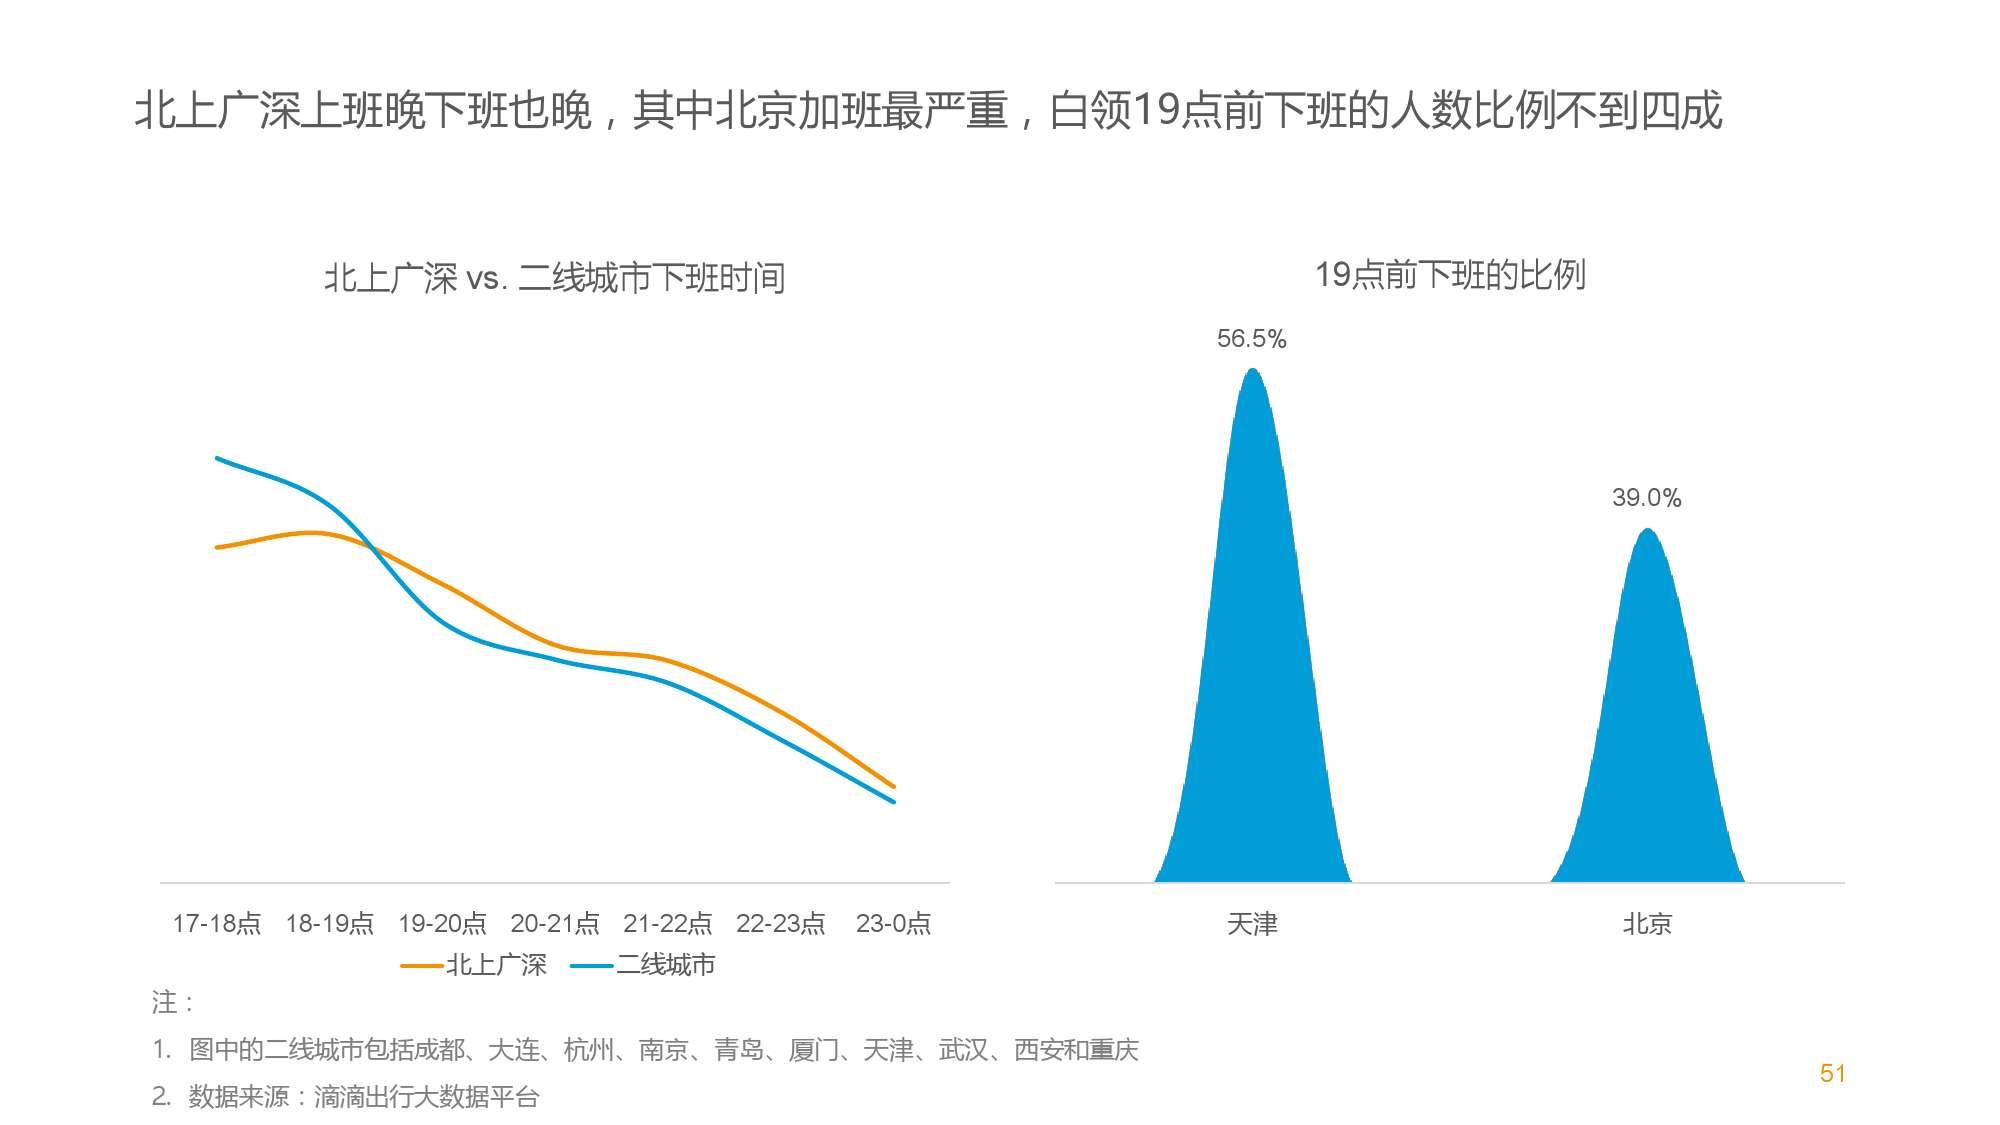 中国智能出行2015大数据报告_000051